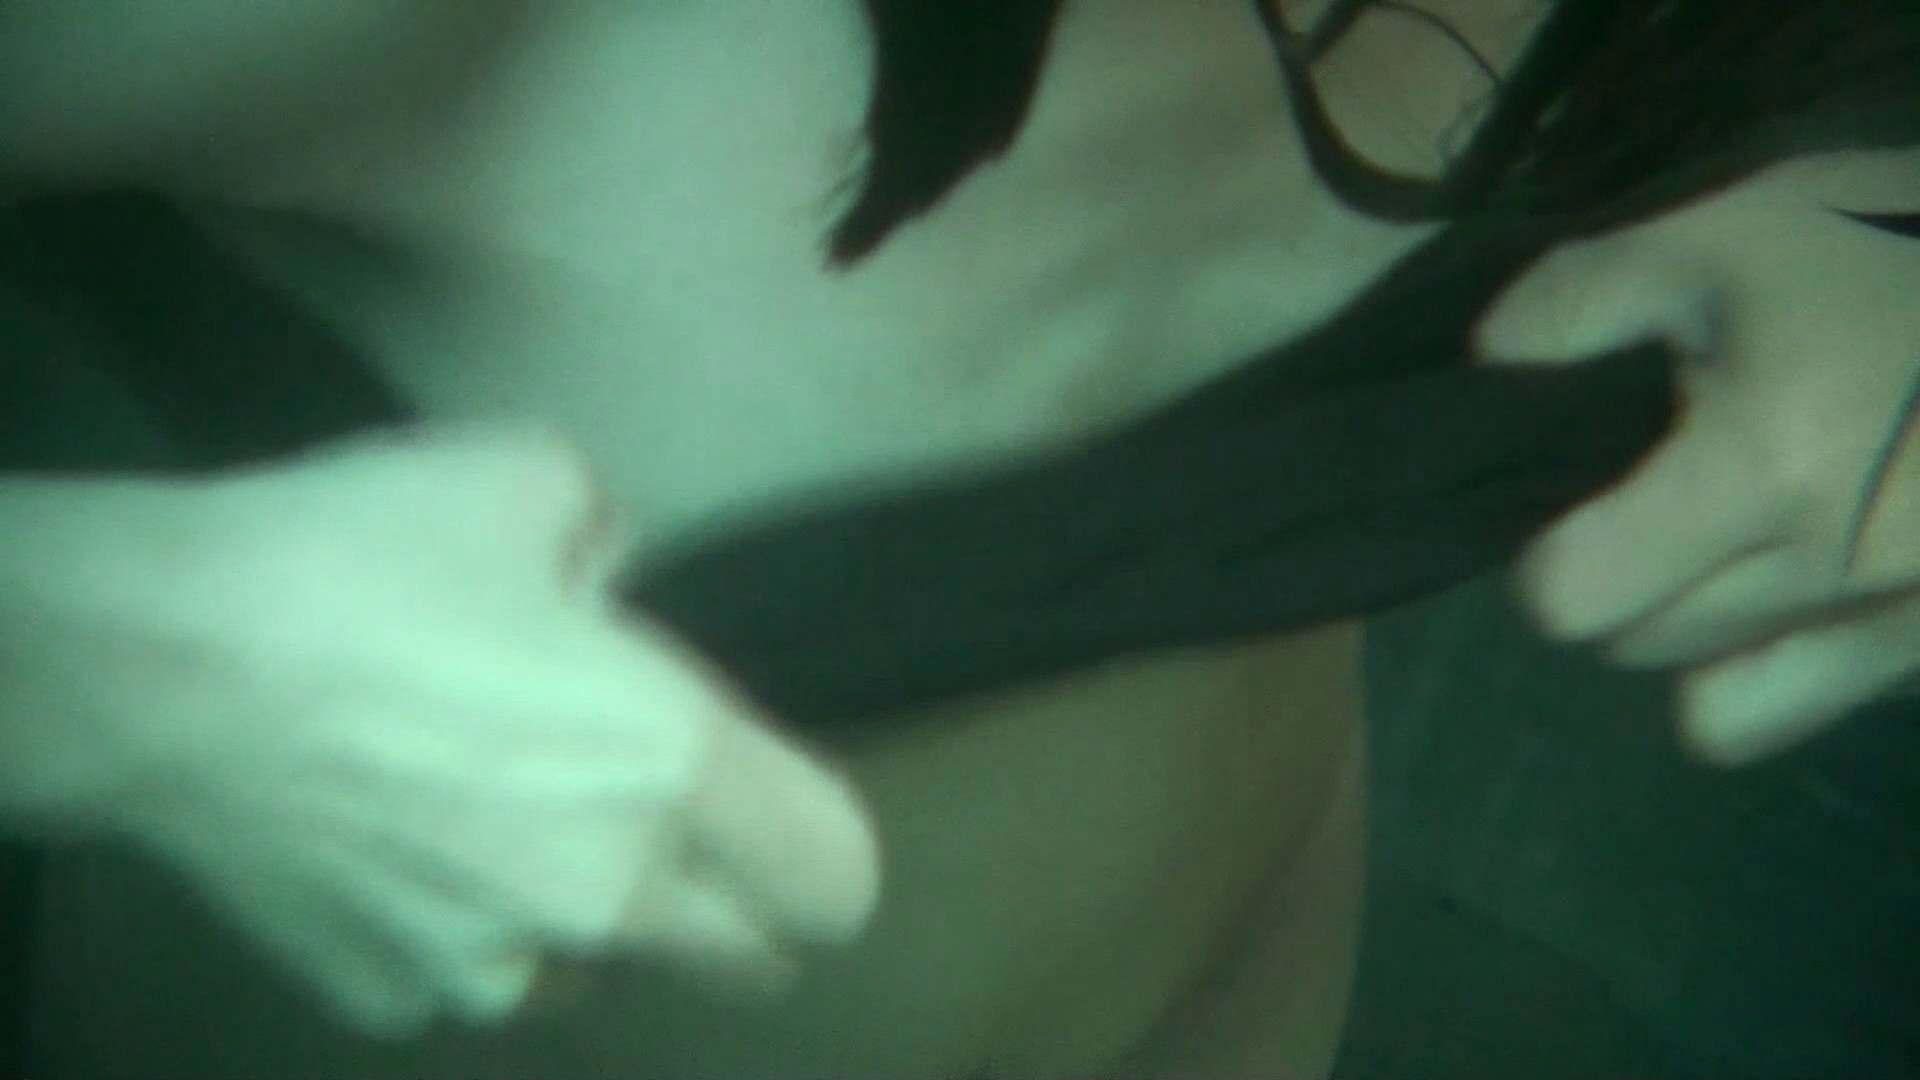 Vol.12 女性の性器には予想外の砂が混入しているようです。 シャワー 覗き性交動画流出 46pic 38